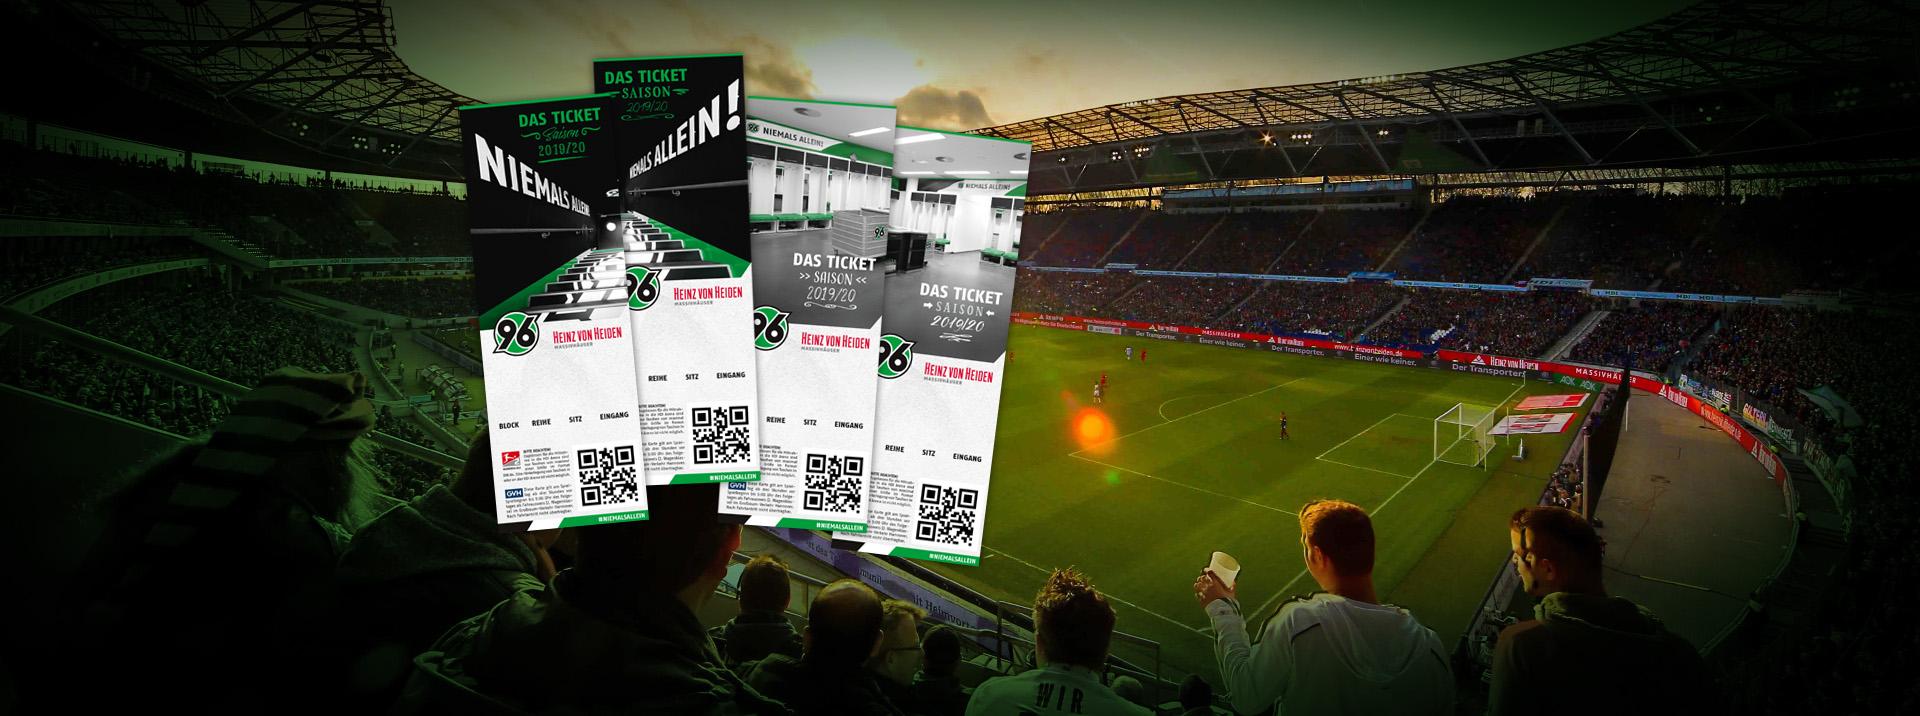 96 Tickets